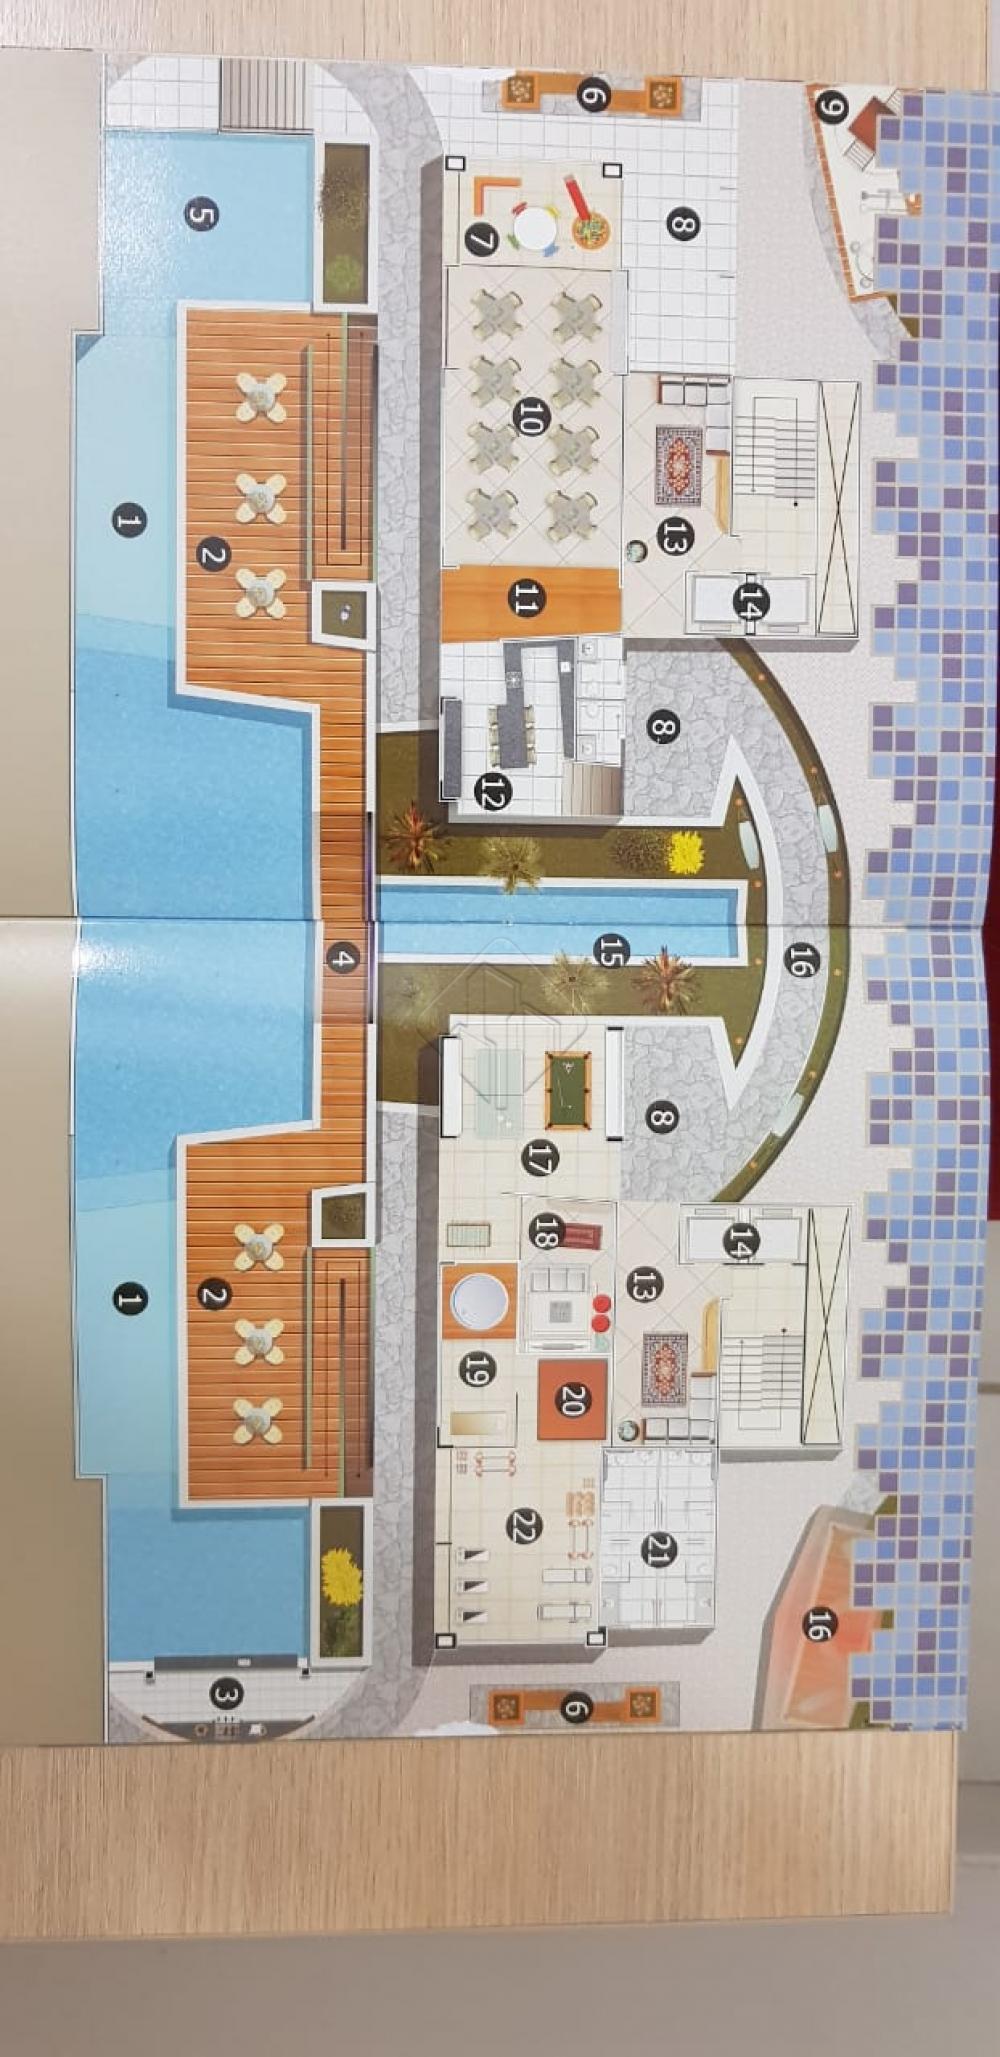 O Apartamento: Área: 80 m2; Varanda Gourmet; Sala de estar/jantar; 02 quartos sendo 01 suíte; DCE; Cozinha; Área de serviços; Vaga de garagem: 01 Posição: Leste. O Prédio: 02 Torres; 17 Pavimentos por torre; 02 por andar; Pavimento semi-subsolo (garagens); Pavimento térreo: Hall de entrada, recepção, Estar e garagens; Pavimento mezanino: Áreas comuns e de lazer; 02 elevadores por torre; Gerador, Central de gás; Central de lixo; Antena coletiva; Medidores individuais de água, energia  e gás; Pré instalação para Split; Salãp de festas; Salão de jogos; Brinquedoteca; Sala de Tv; Ofurô; Academia; Sauna; Piscina adulto e infantil